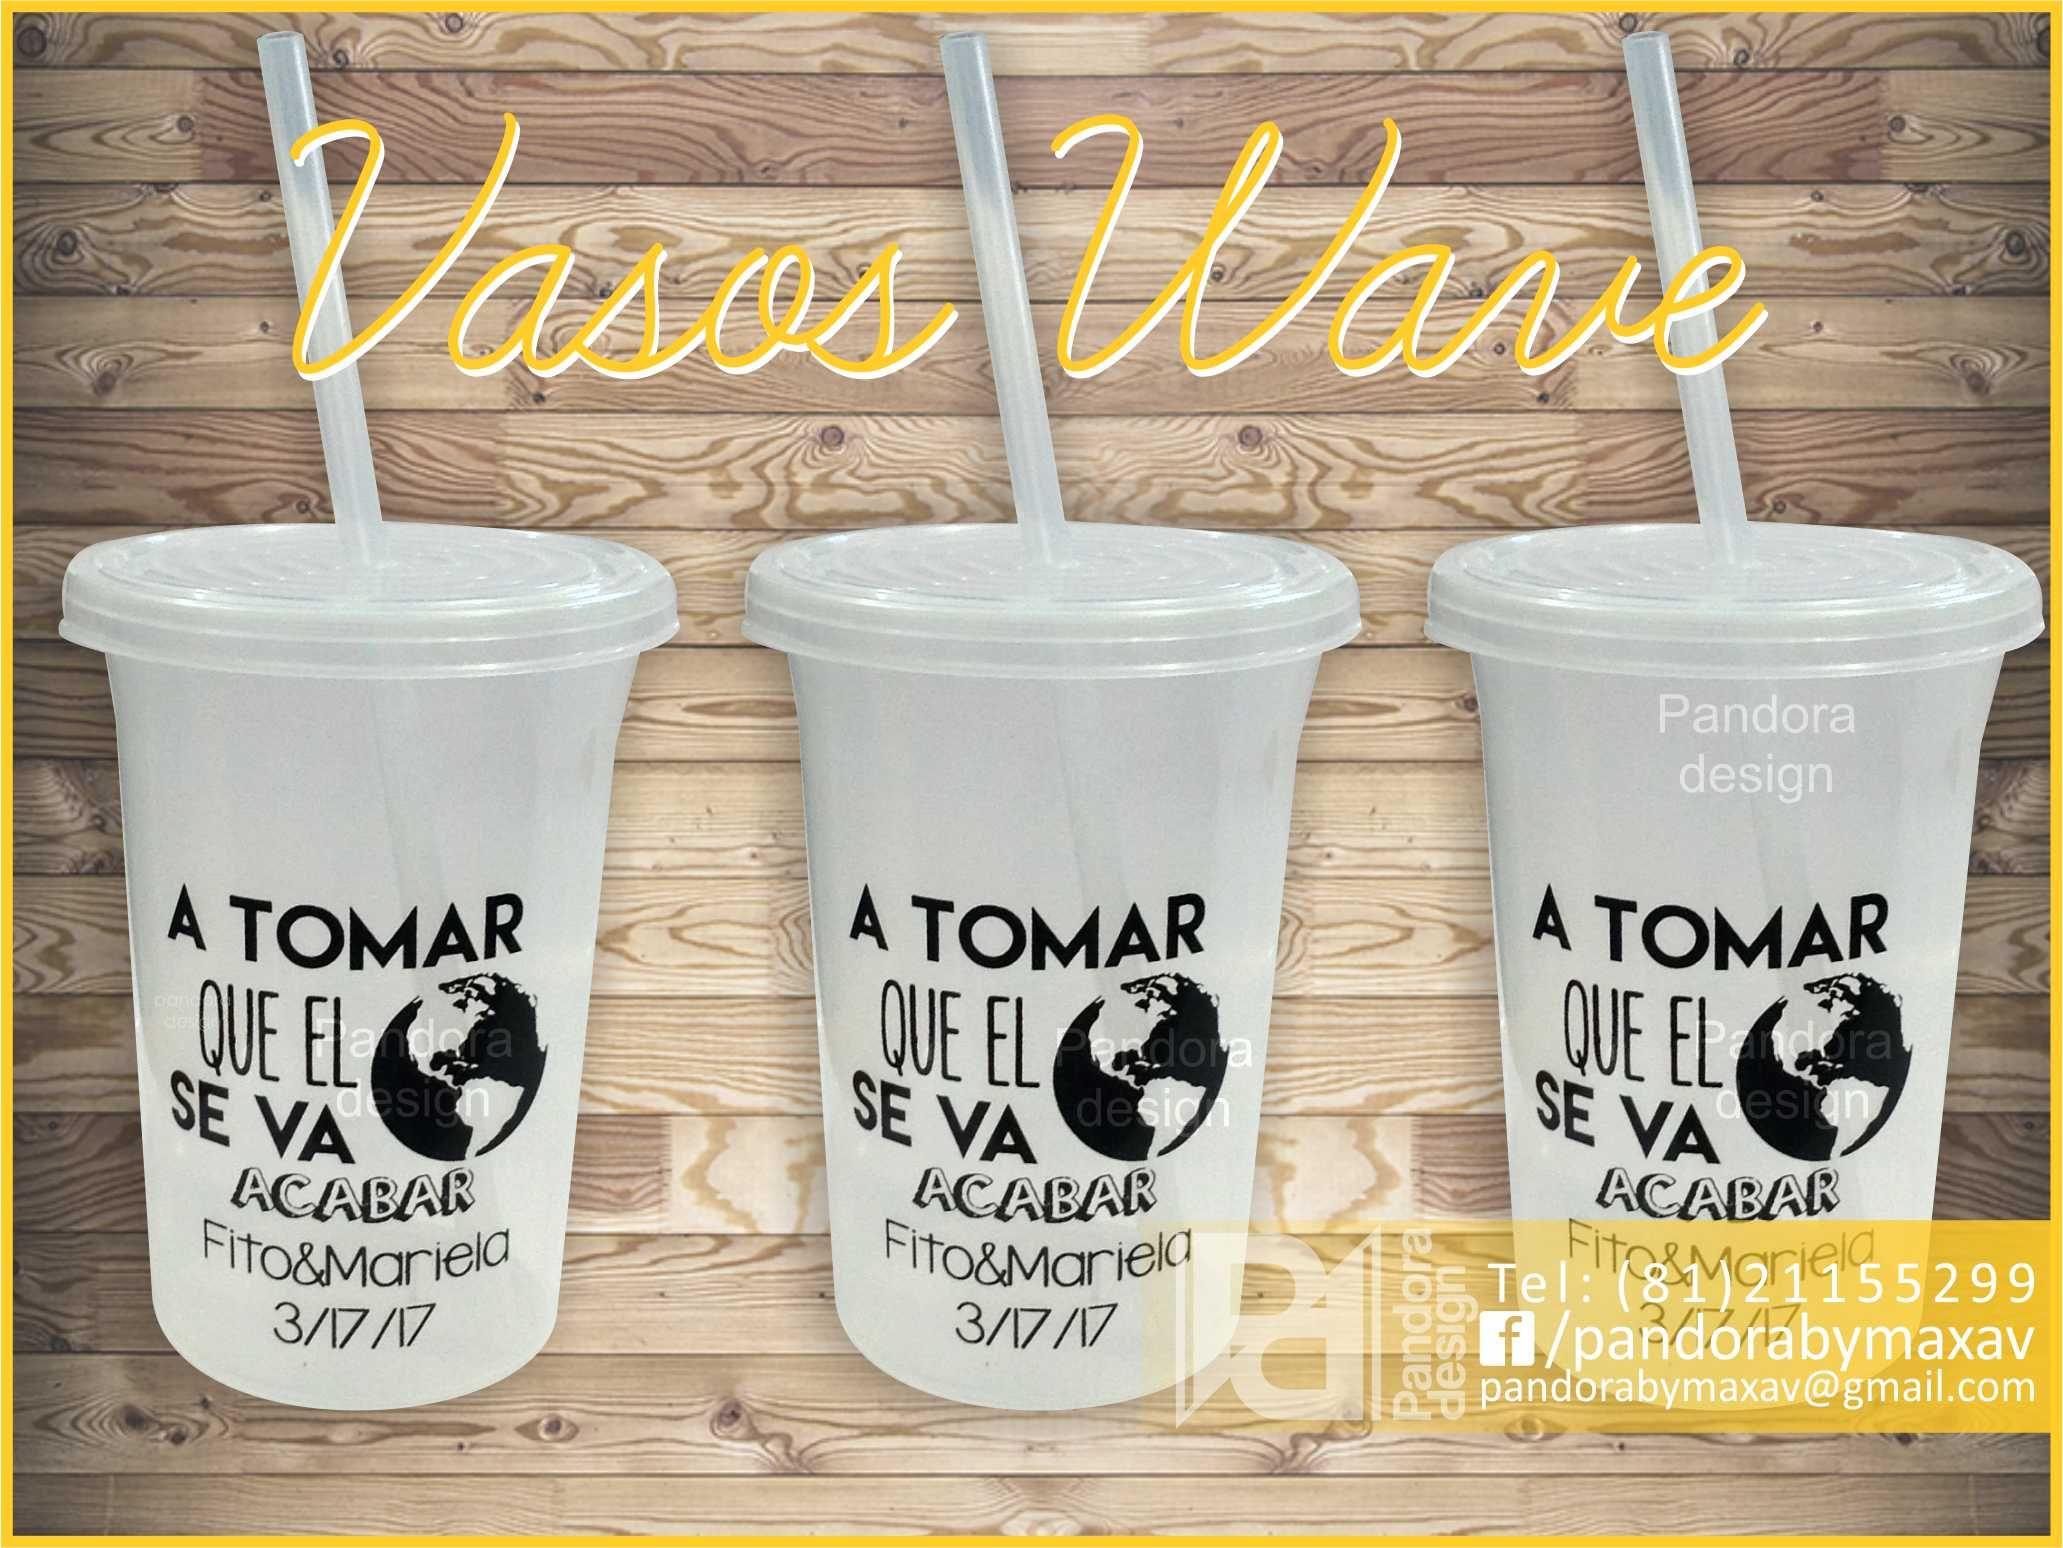 Vasos de plastico con tapa y popote personalizados para  bodas ... 76af5a84b16